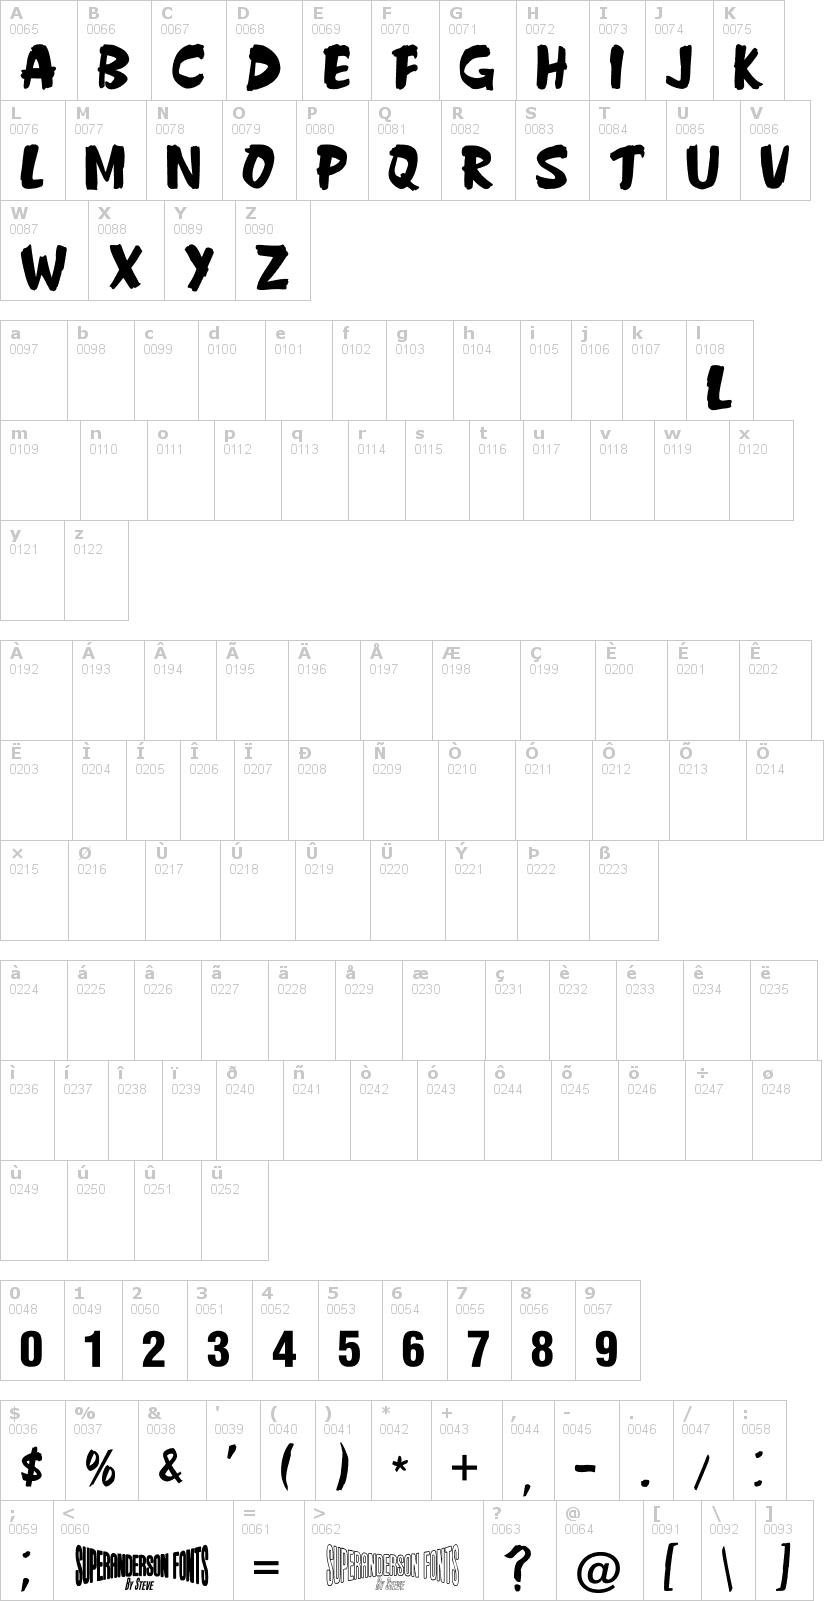 Lettere dell'alfabeto del font anderson-fireball-x con le quali è possibile realizzare adesivi prespaziati